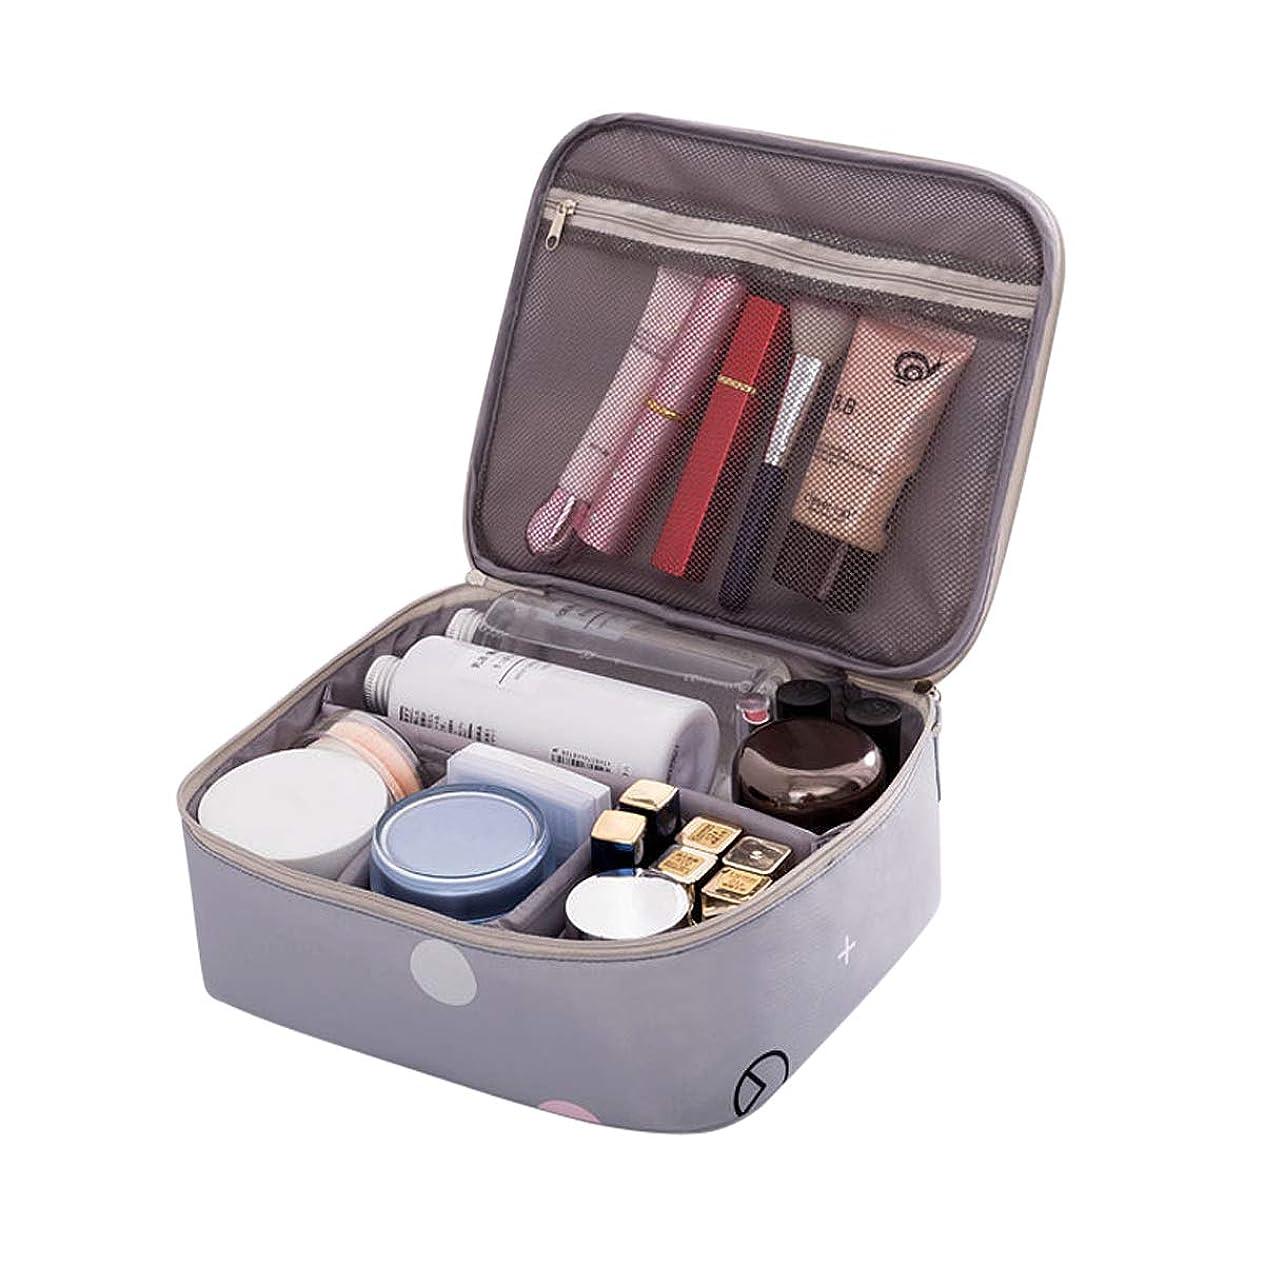 誘う海峡ひも講堂Coolzon化粧ポーチ 防水 機能的 大容量 化粧バッグ 軽量 化粧品収納 メイクボックス 折畳式 可愛い 旅行 出張( グレー)